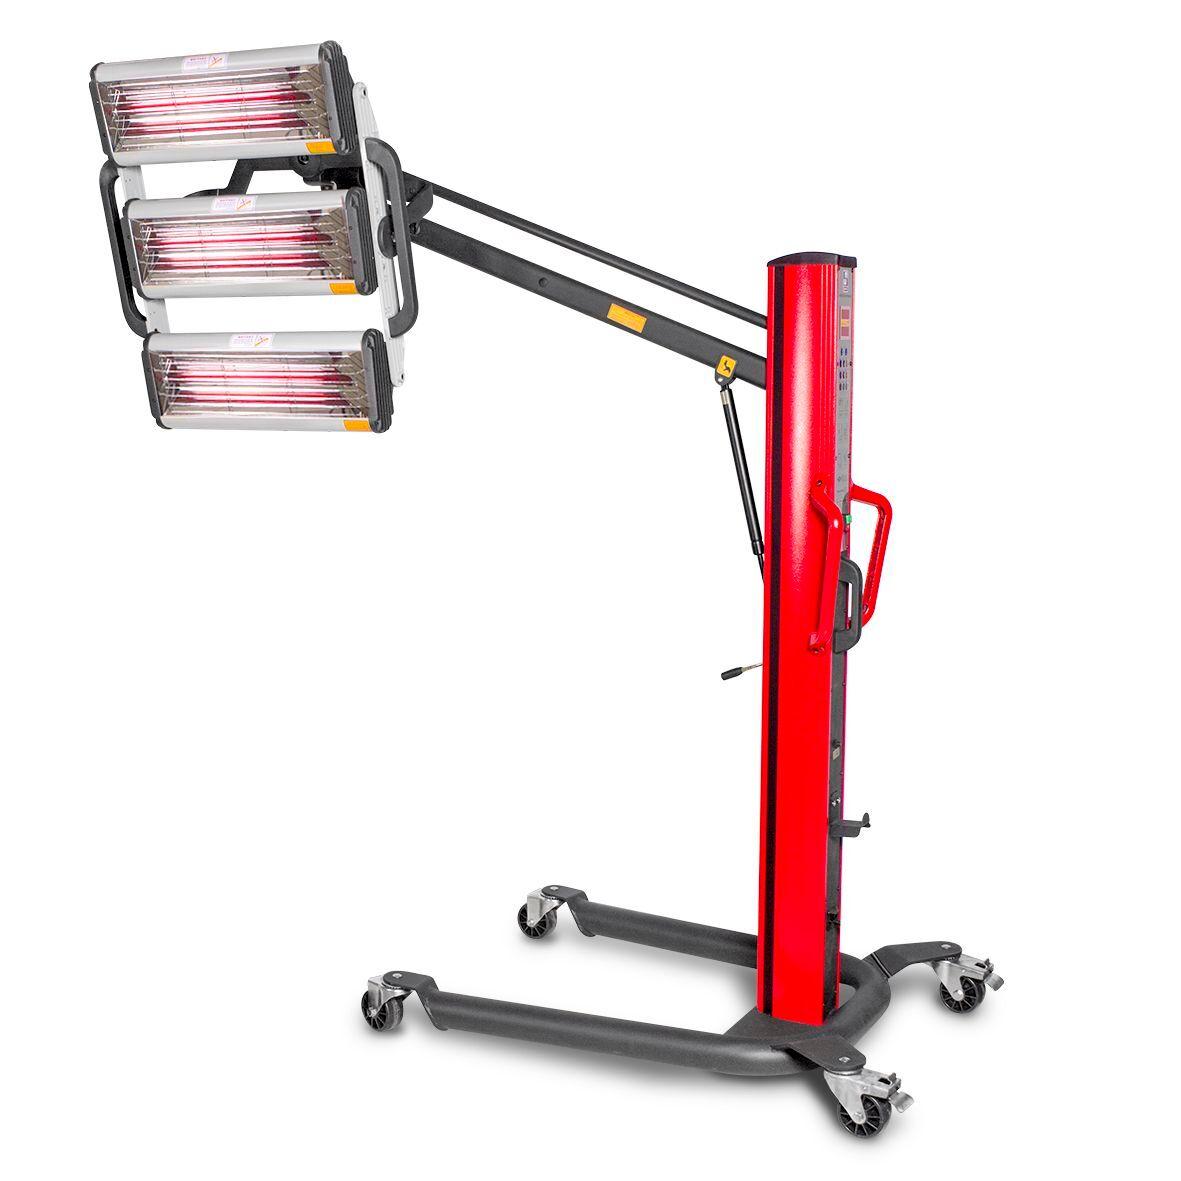 Mw-tools Sécheur de peinture infrarouge professionnel mobile 3300 W MW-Tools LD3P